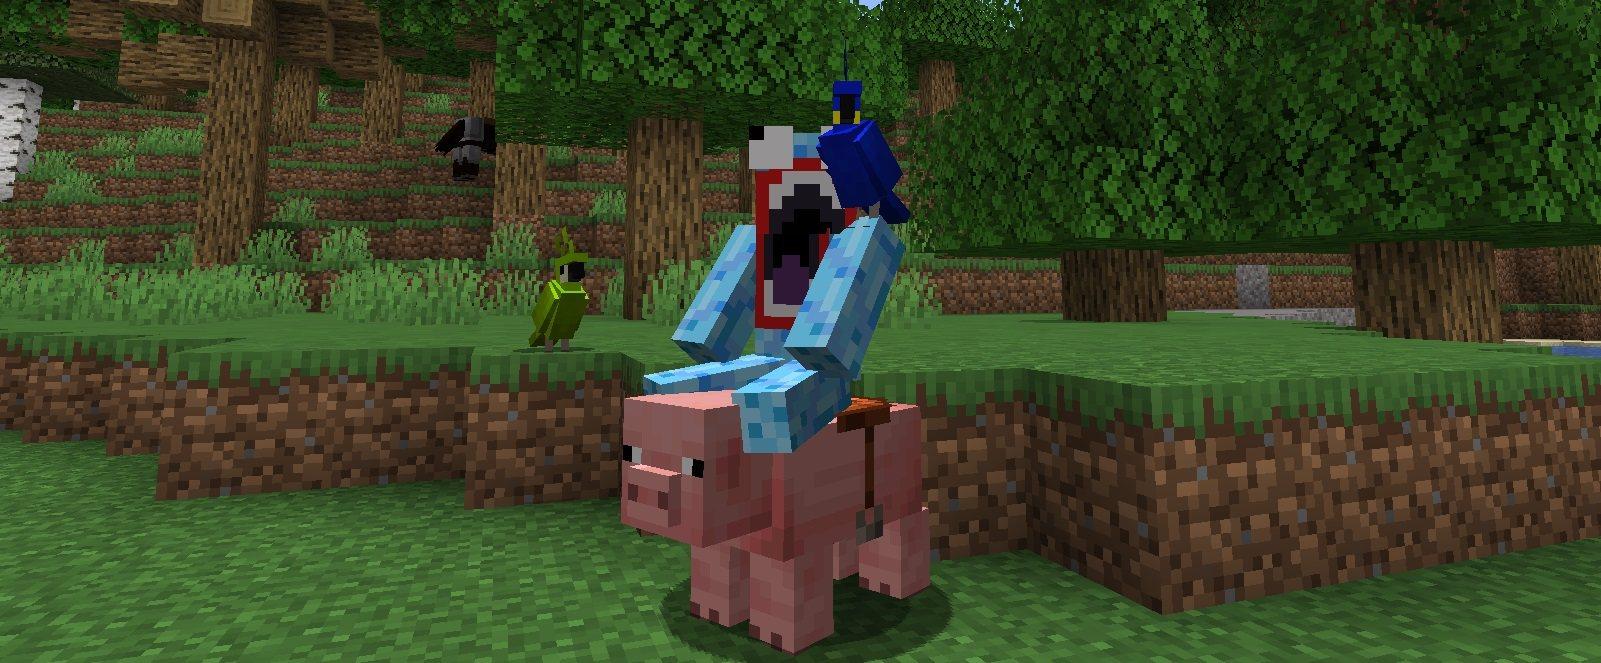 papuga na ramieniu podczas jazdy na swini minecraft